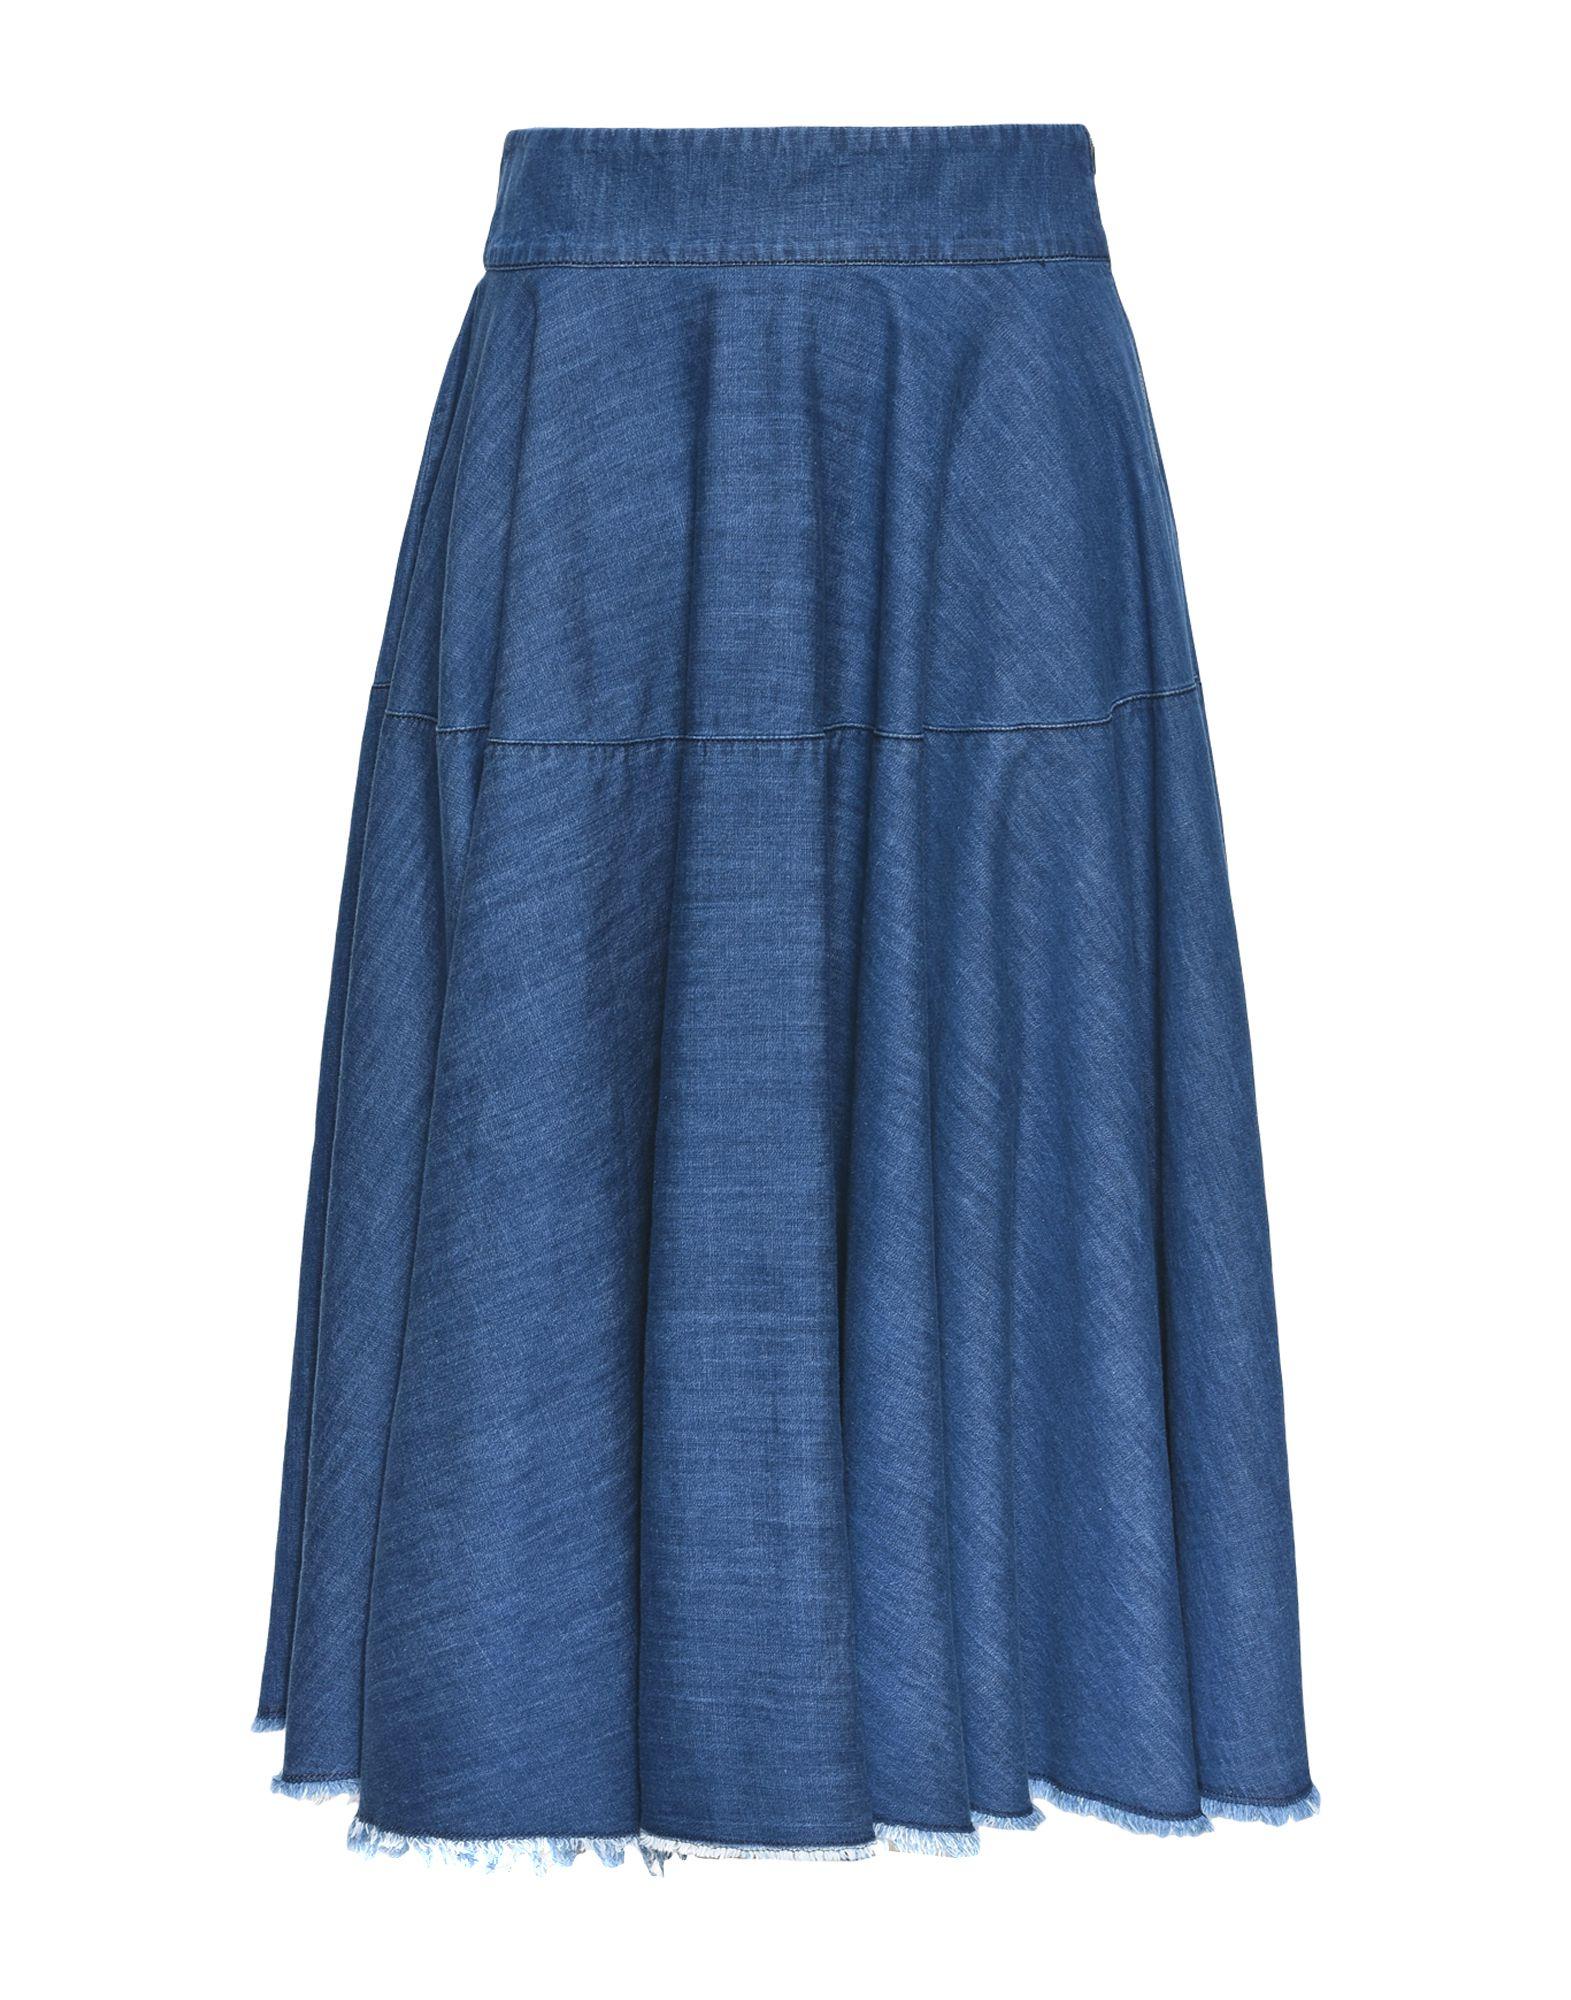 Gonna Jeans 8 Donna - Acquista online su HPCmAAql